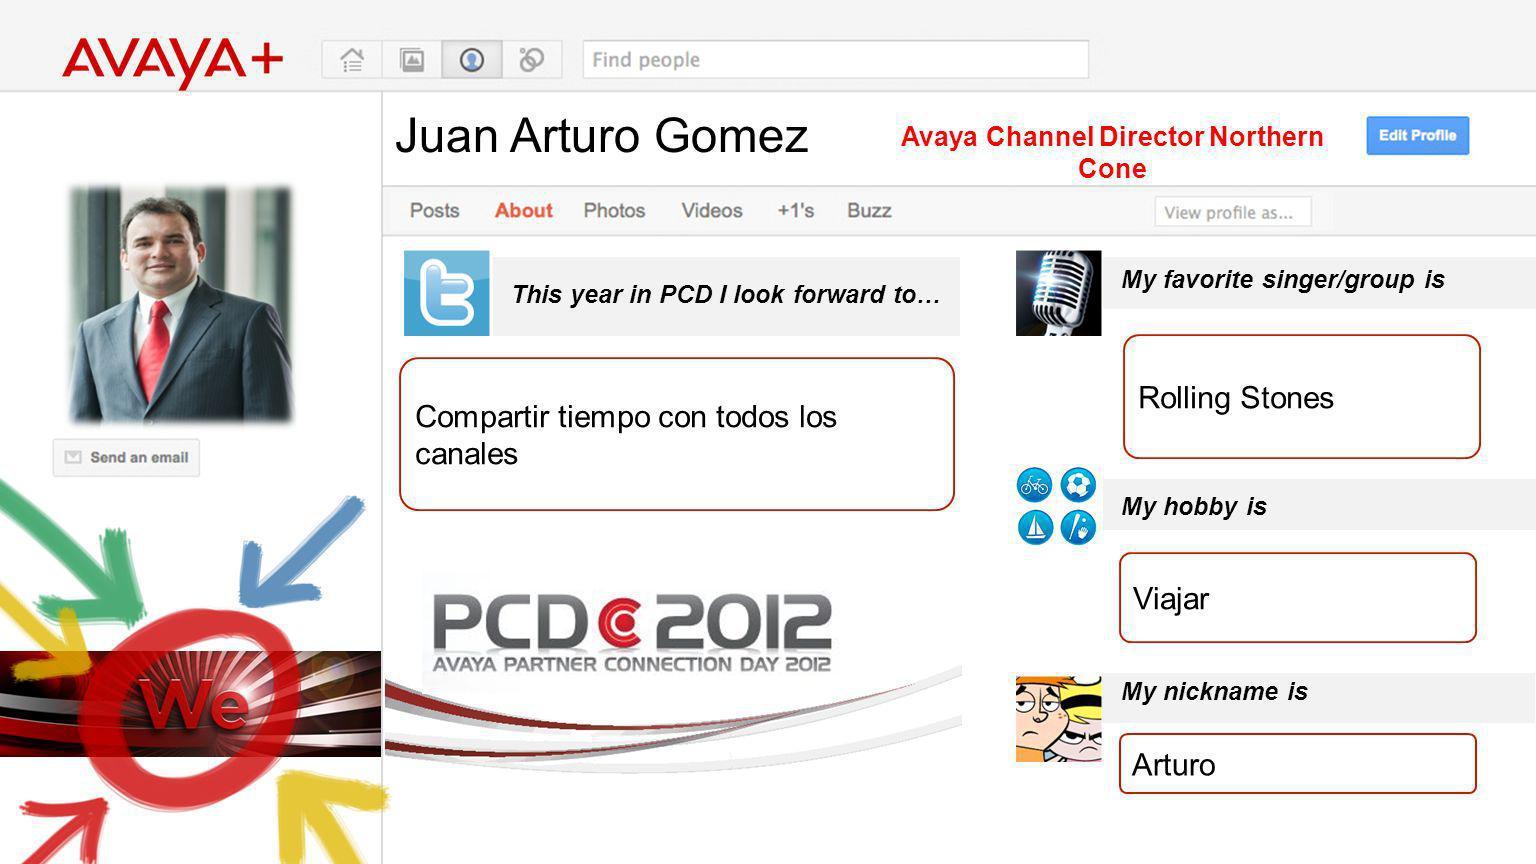 Juan Arturo Gomez This year in PCD I look forward to… Avaya Channel Director Northern Cone Compartir tiempo con todos los canales My favorite singer/g